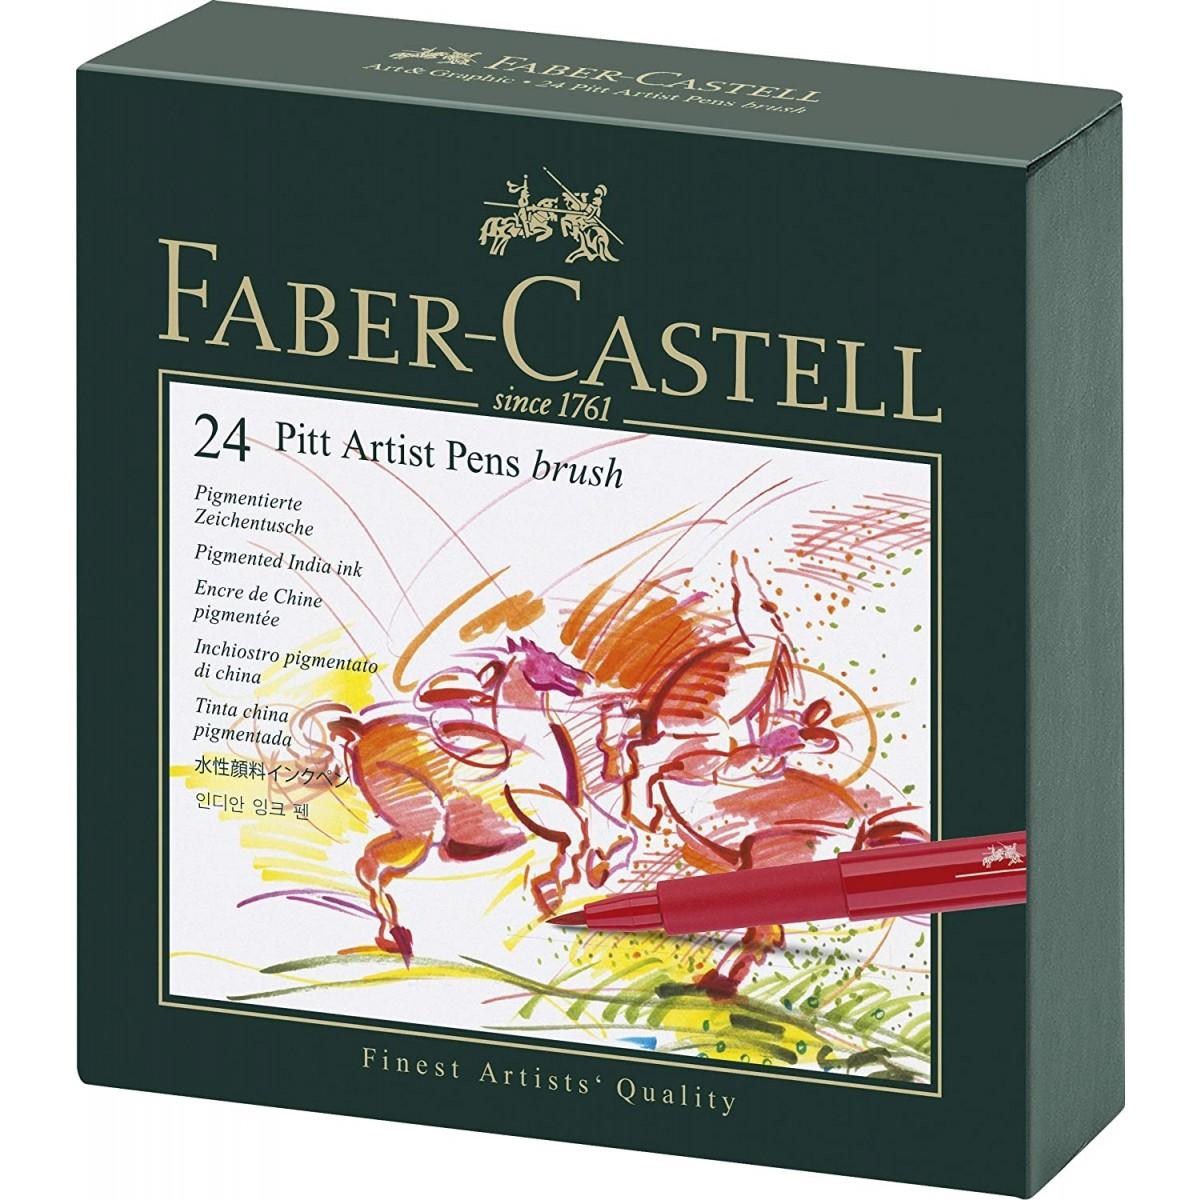 FaberCastellBrushPenPittArtiststudiobox-02